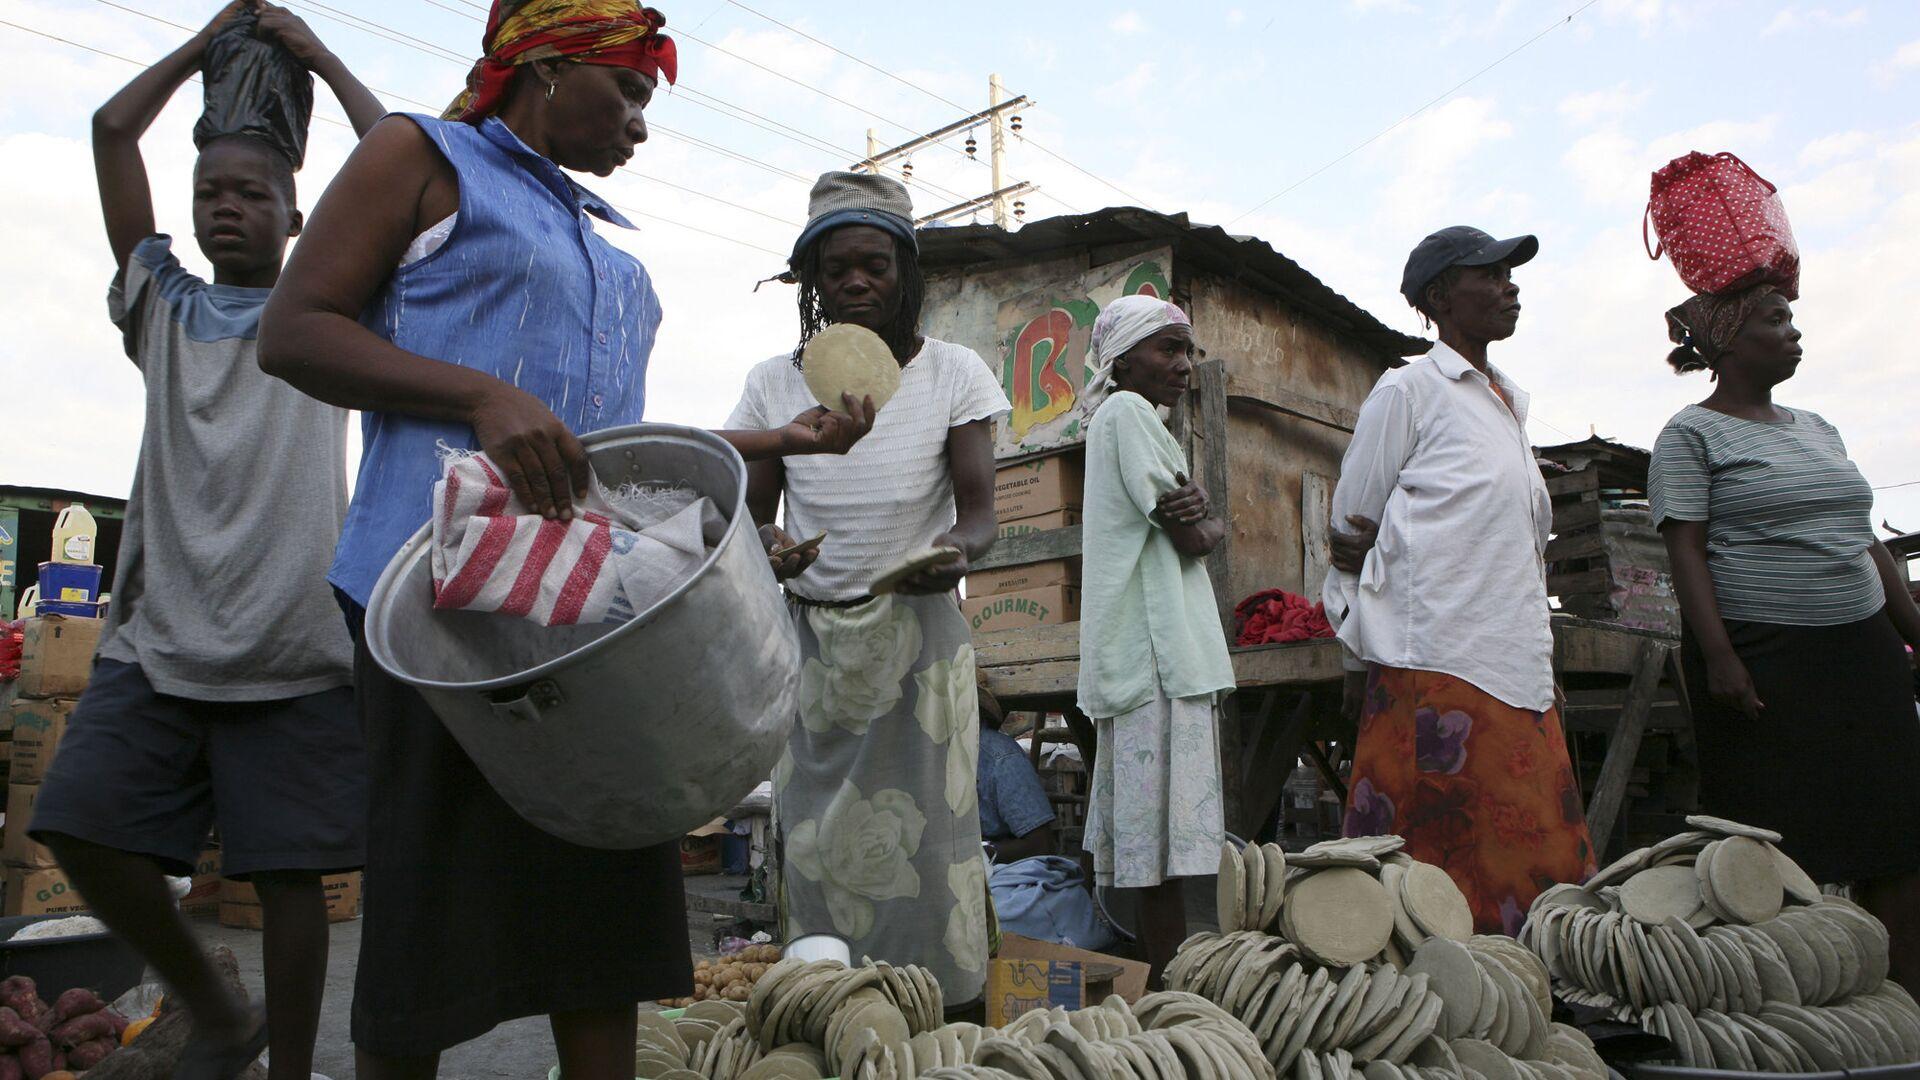 Продажа лепешек из грязи на рынке в Порт-о-Пренсе, Гаити - РИА Новости, 1920, 20.07.2020